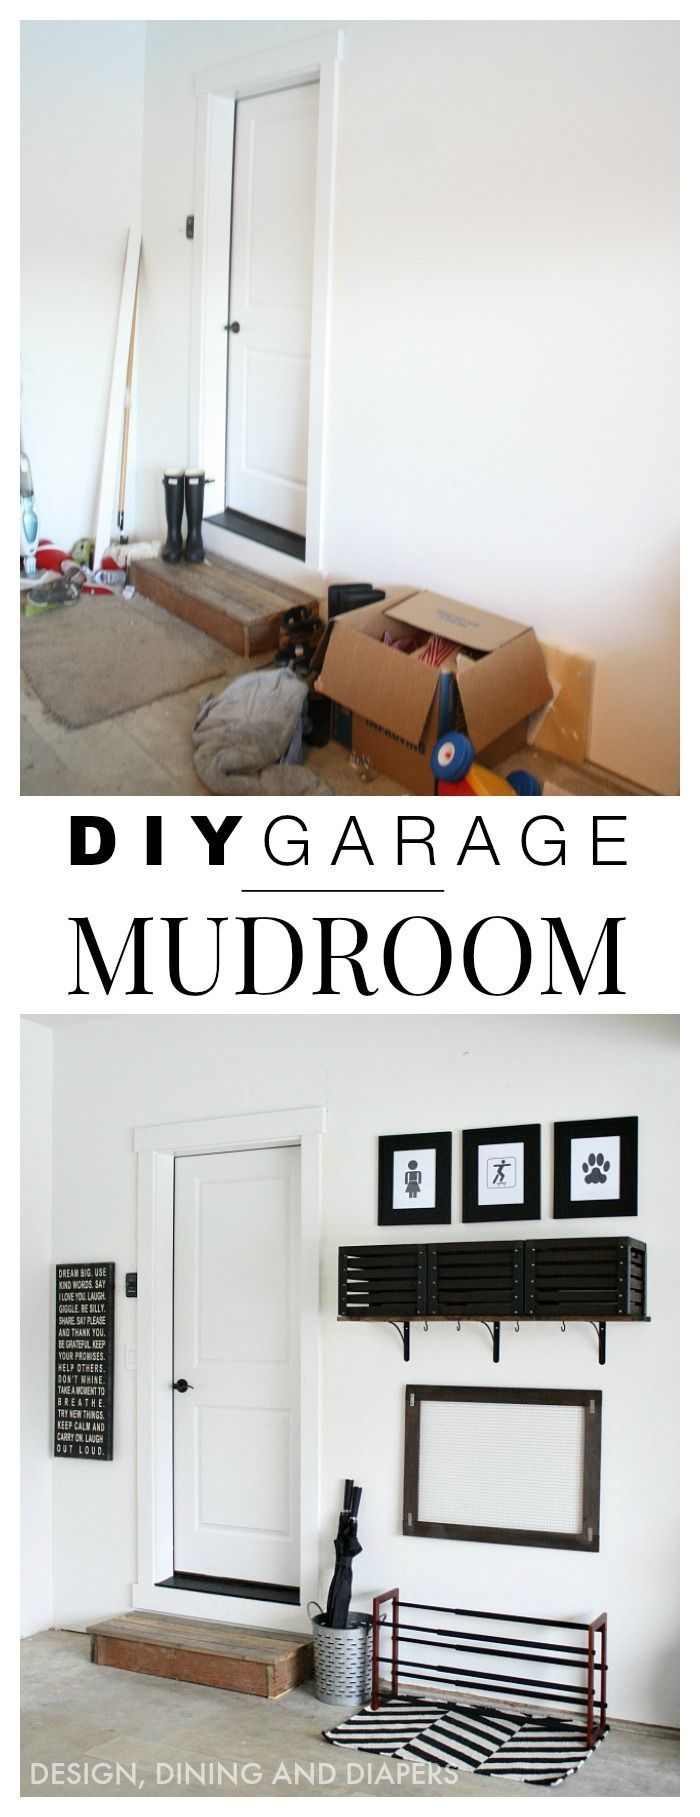 Mudroom Storage Walmart : Best ideas about rubbermaid garage storage on